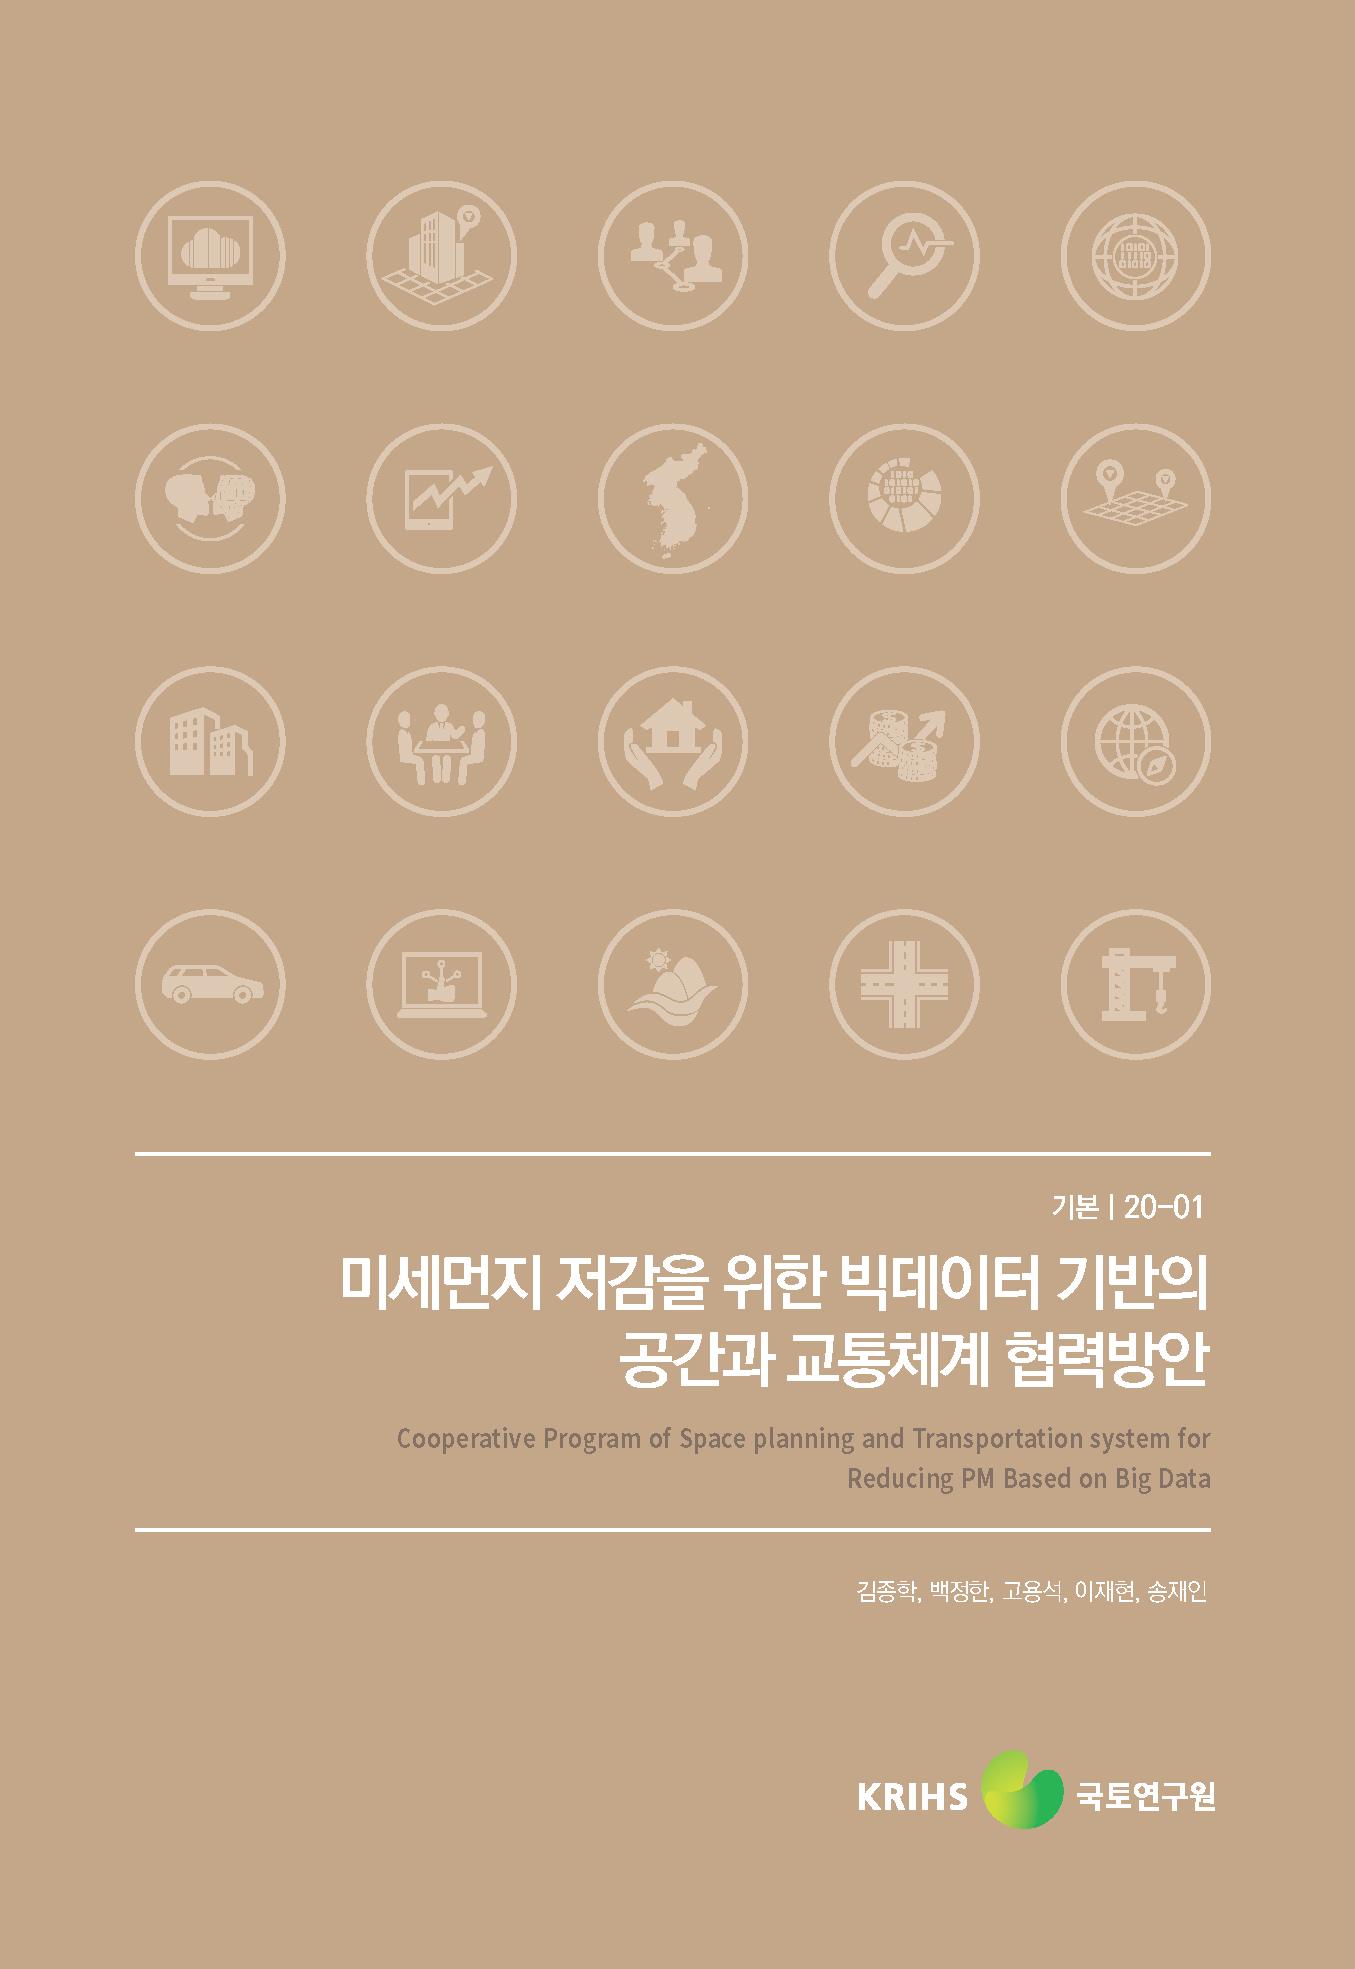 미세먼지 저감을 위한 빅데이터 기반의 공간과 교통체계 협력방안